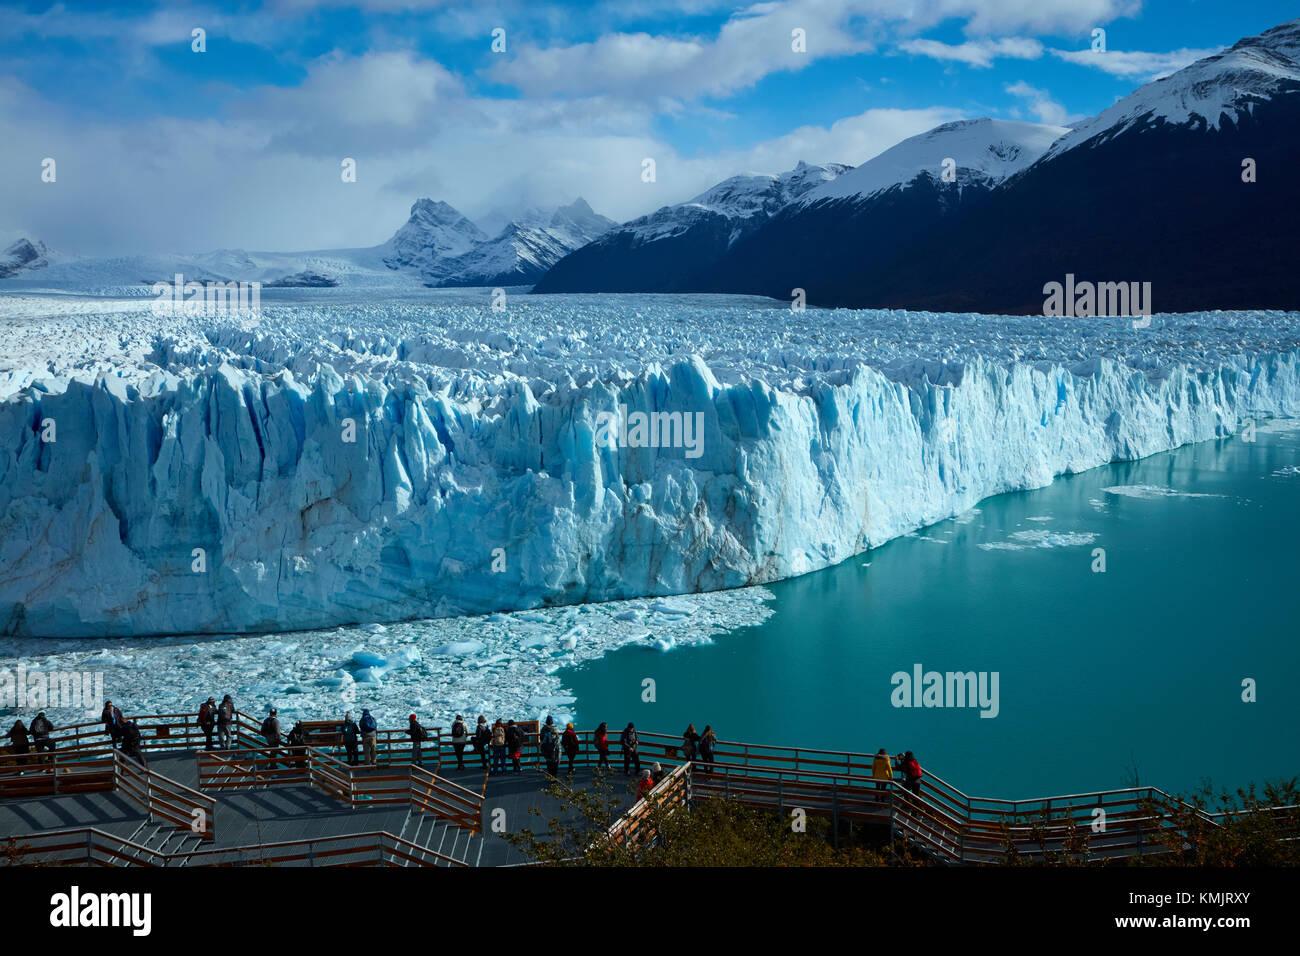 Los turistas de paseo y el glaciar perito moreno, parque nacional Los Glaciares (Zona patrimonio de la humanidad), Patagonia, Argentina, Sudamérica Foto de stock